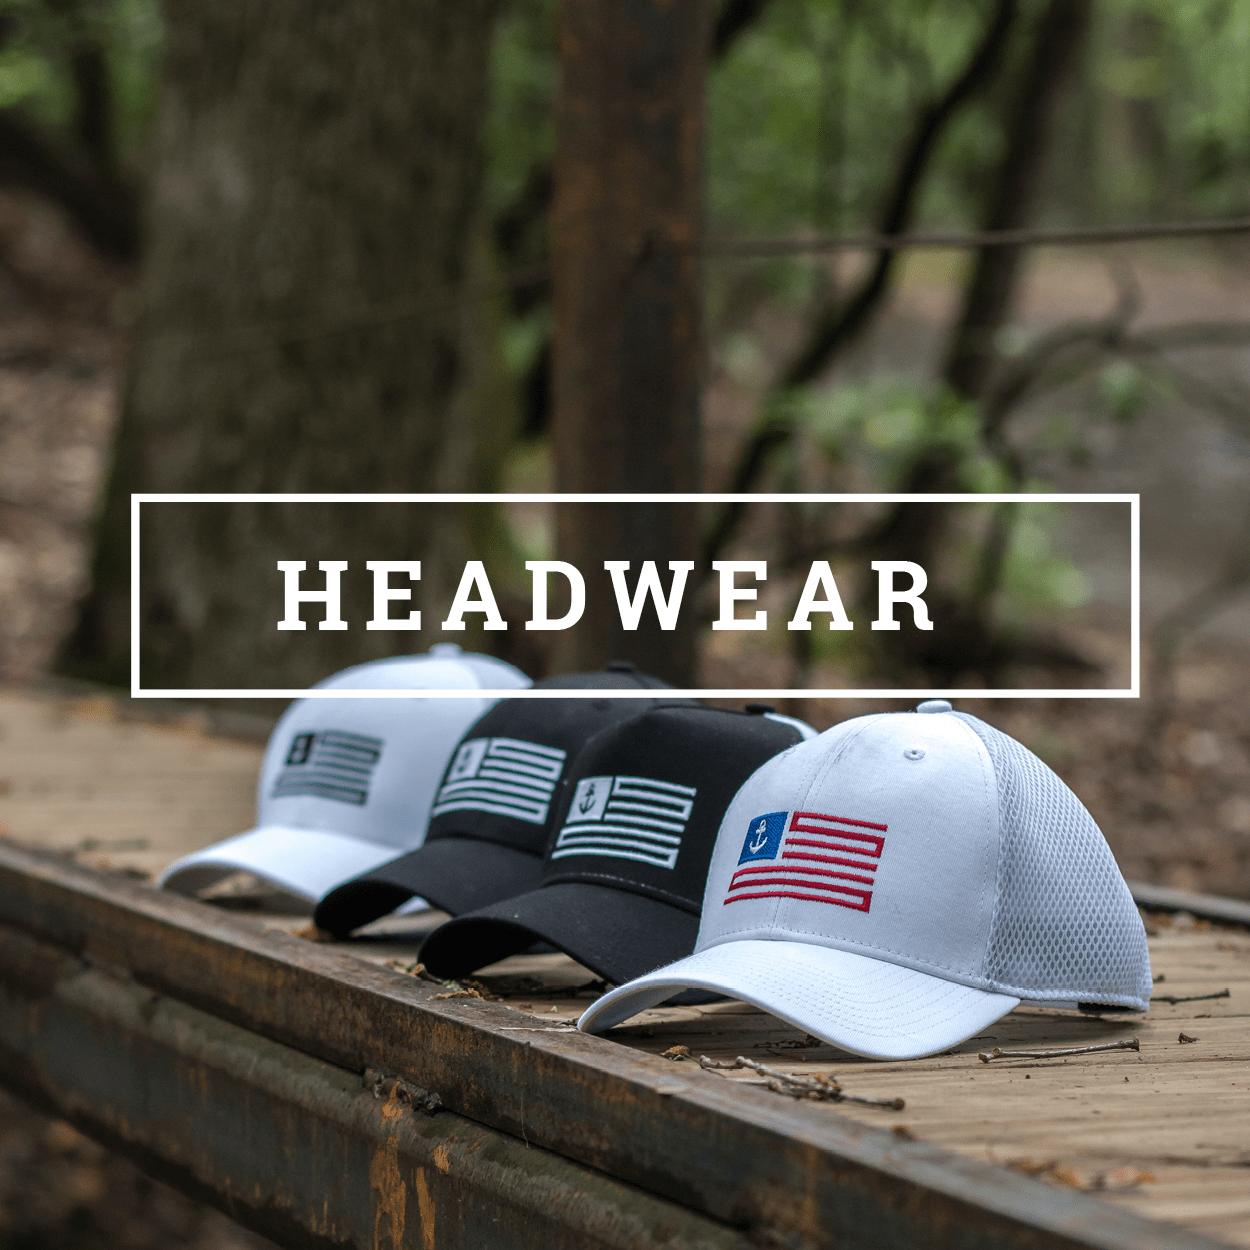 SSco-Headwear.jpg